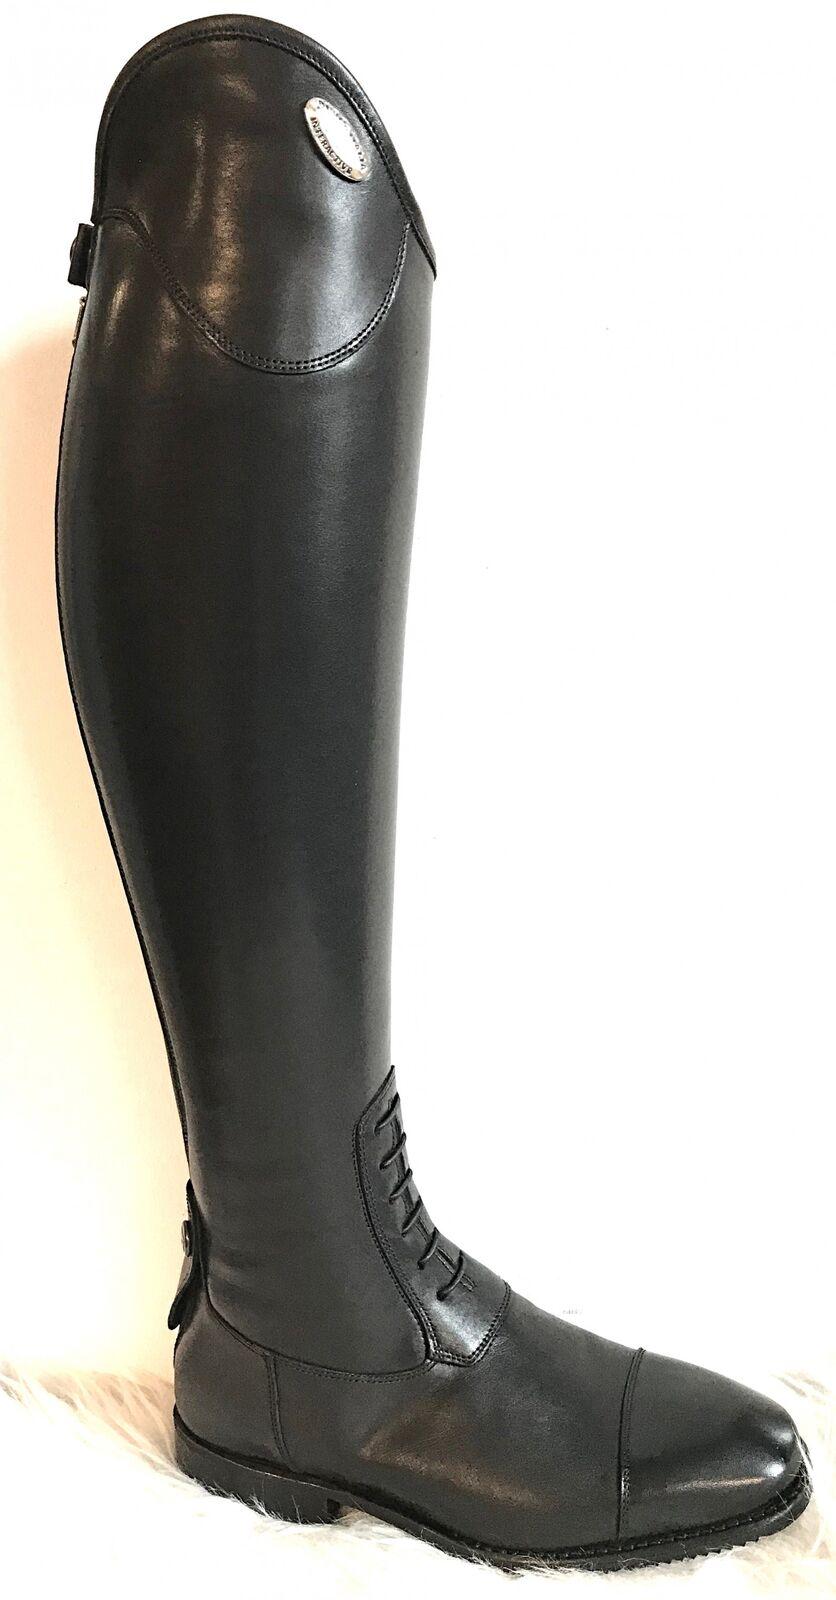 DeNiro Reitstiefel Salento 02 02 02 schwarz 37 MA S  | Eine Große Vielfalt An Modelle 2019 Neue  | Qualitativ Hochwertiges Produkt  e82944